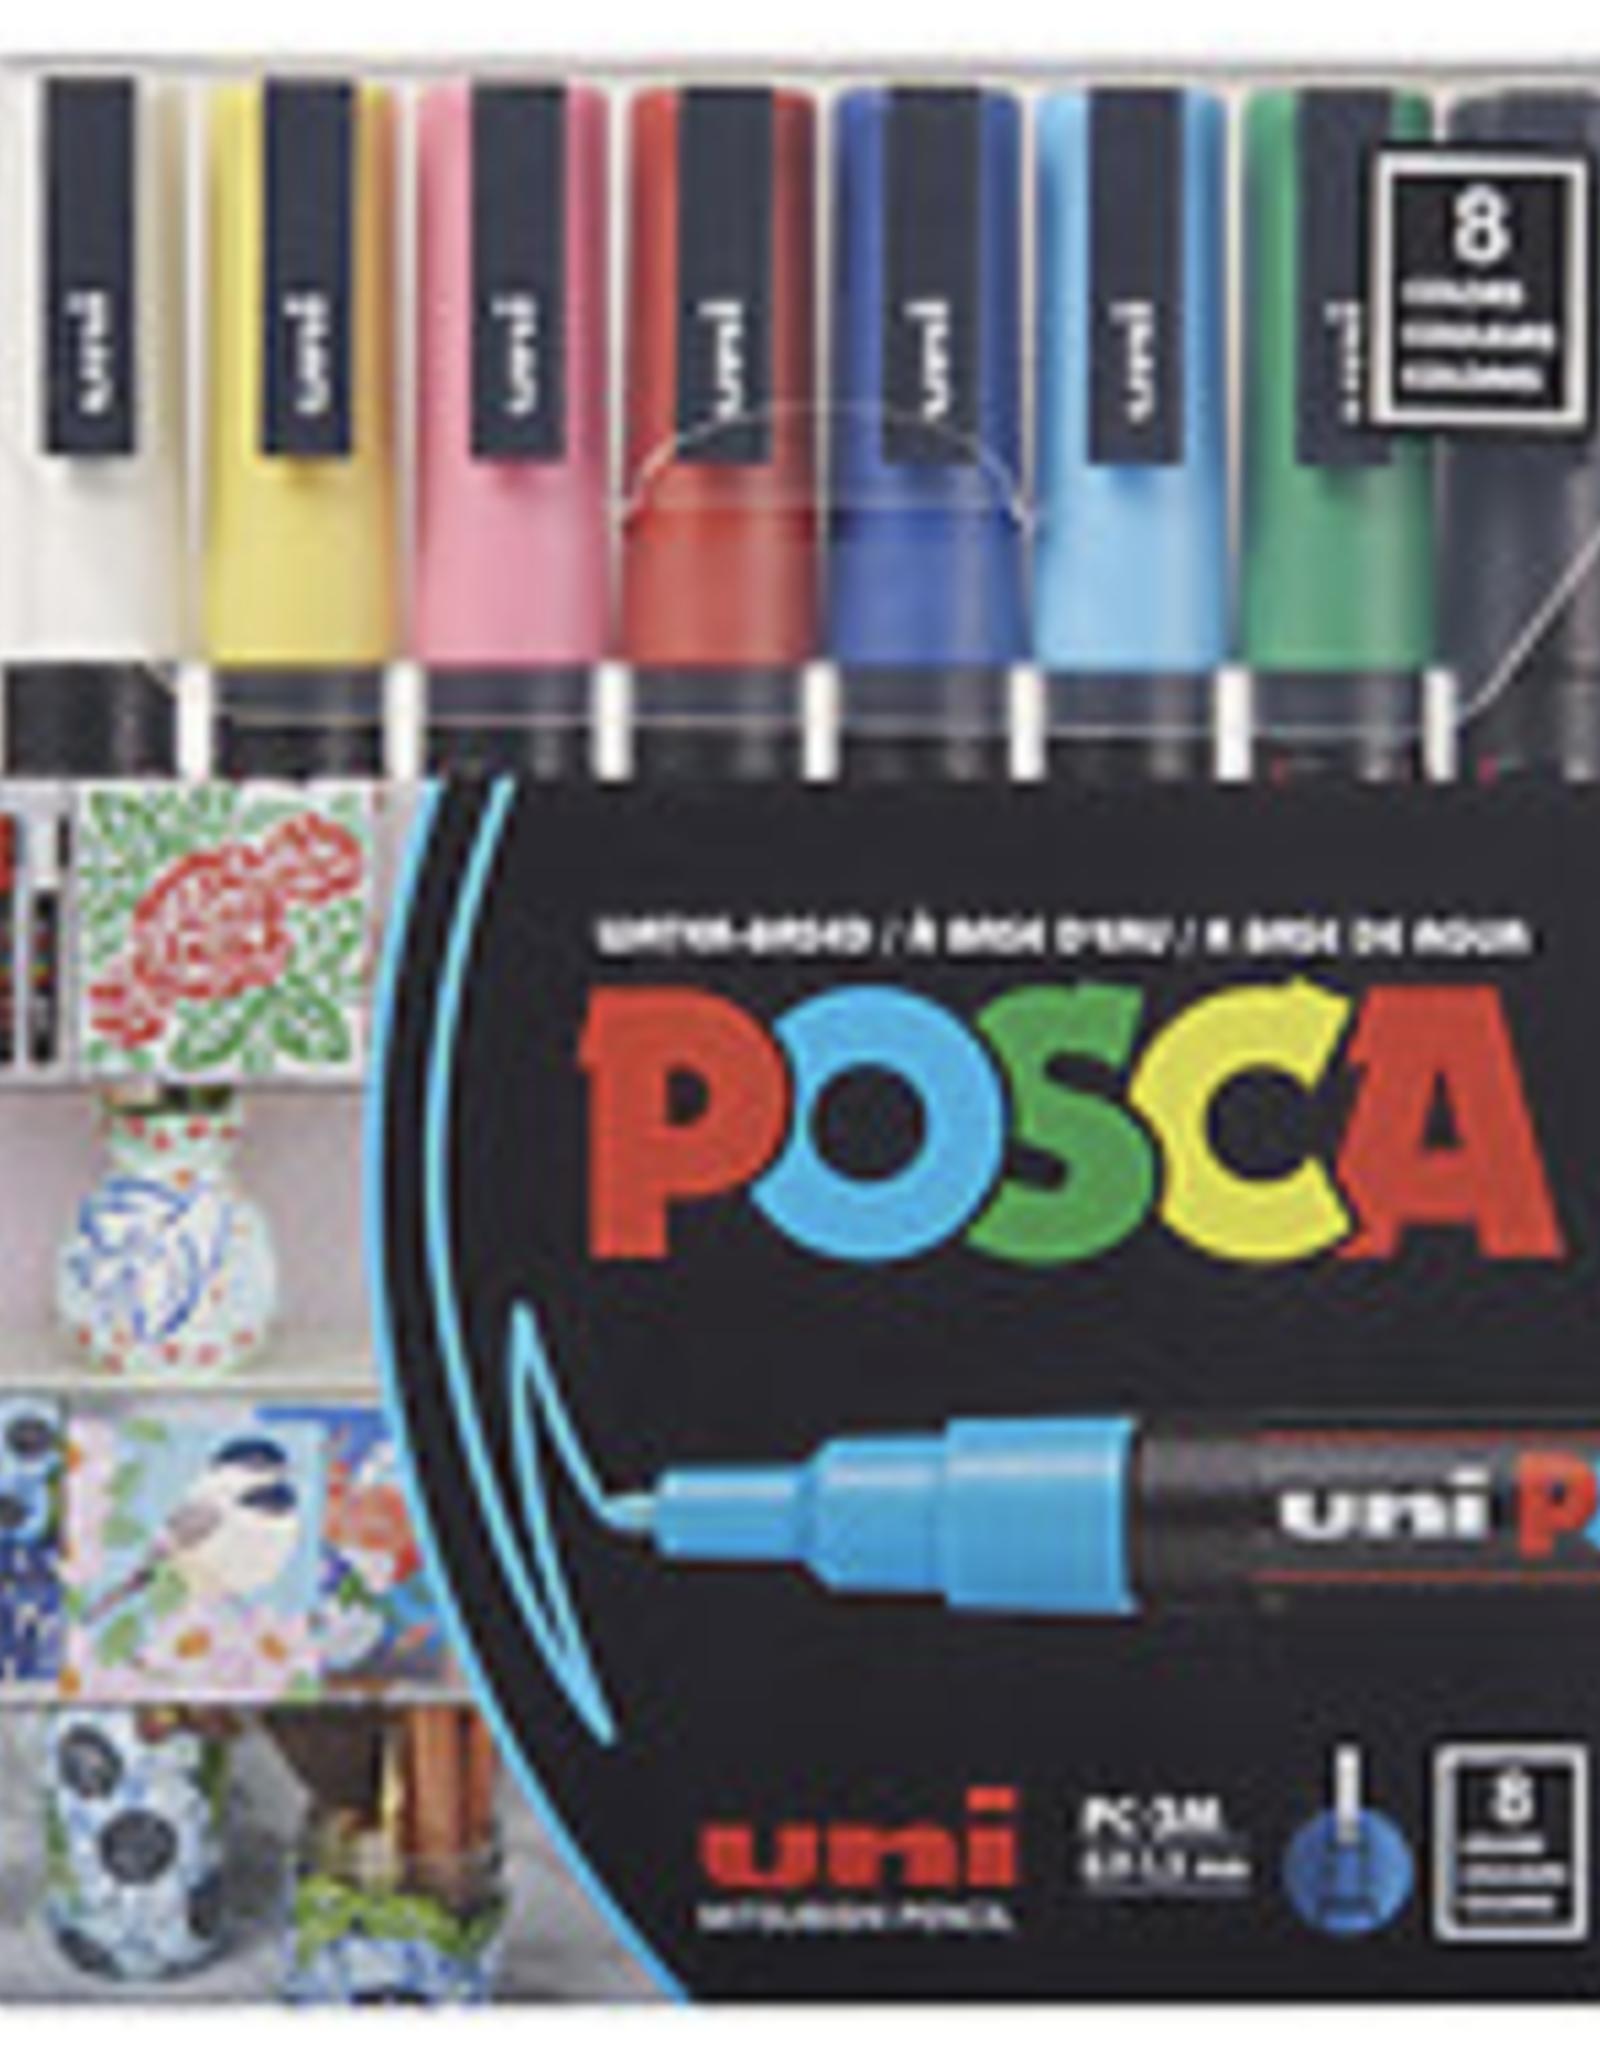 POSCA Paint Marker PC-3M Fine, 8-Color Set